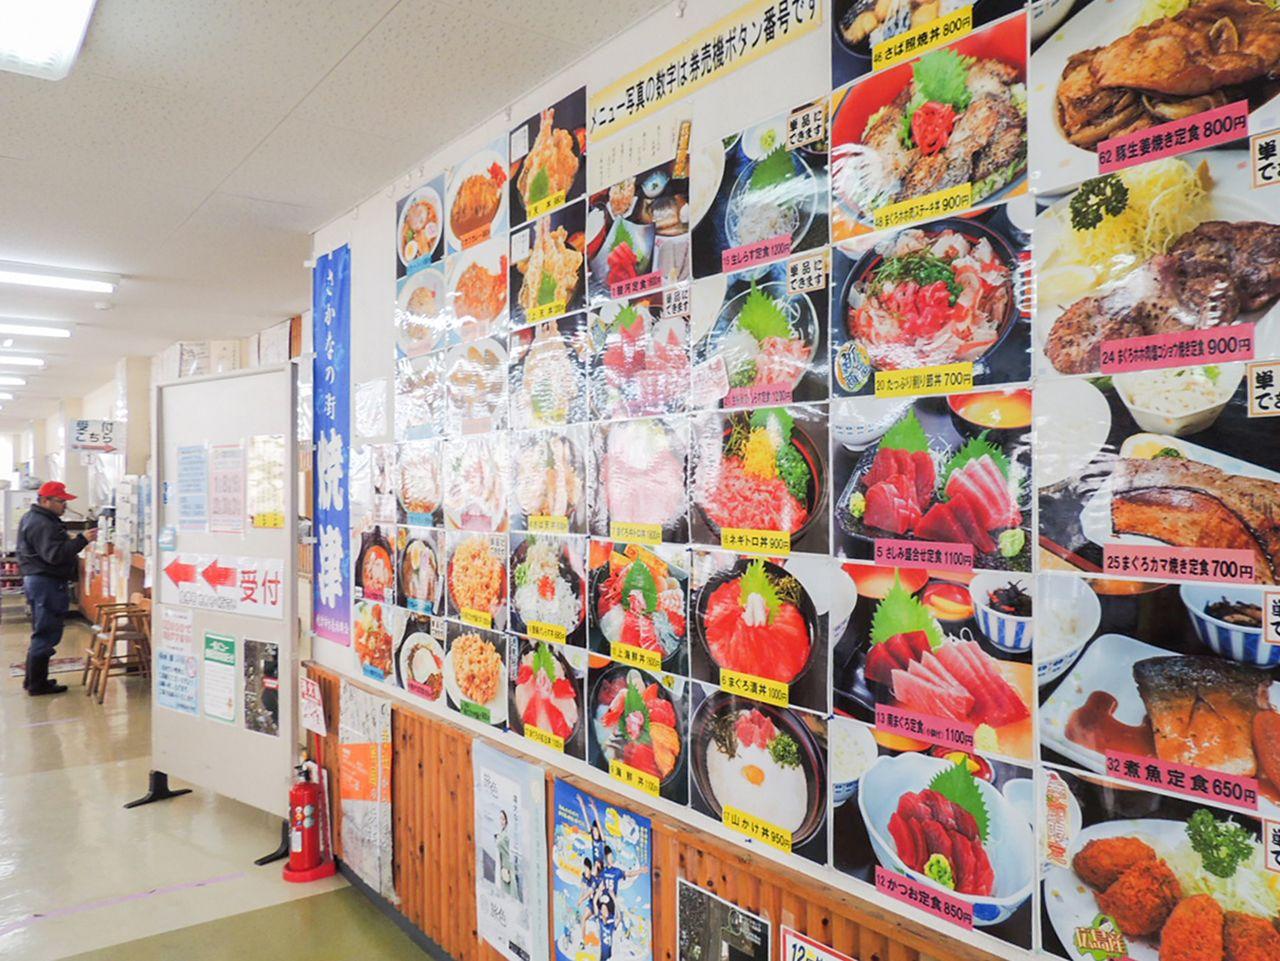 Sebuah pajangan dinding menunjukkan berbagai macam hidangan seafood yang ditawarkan.